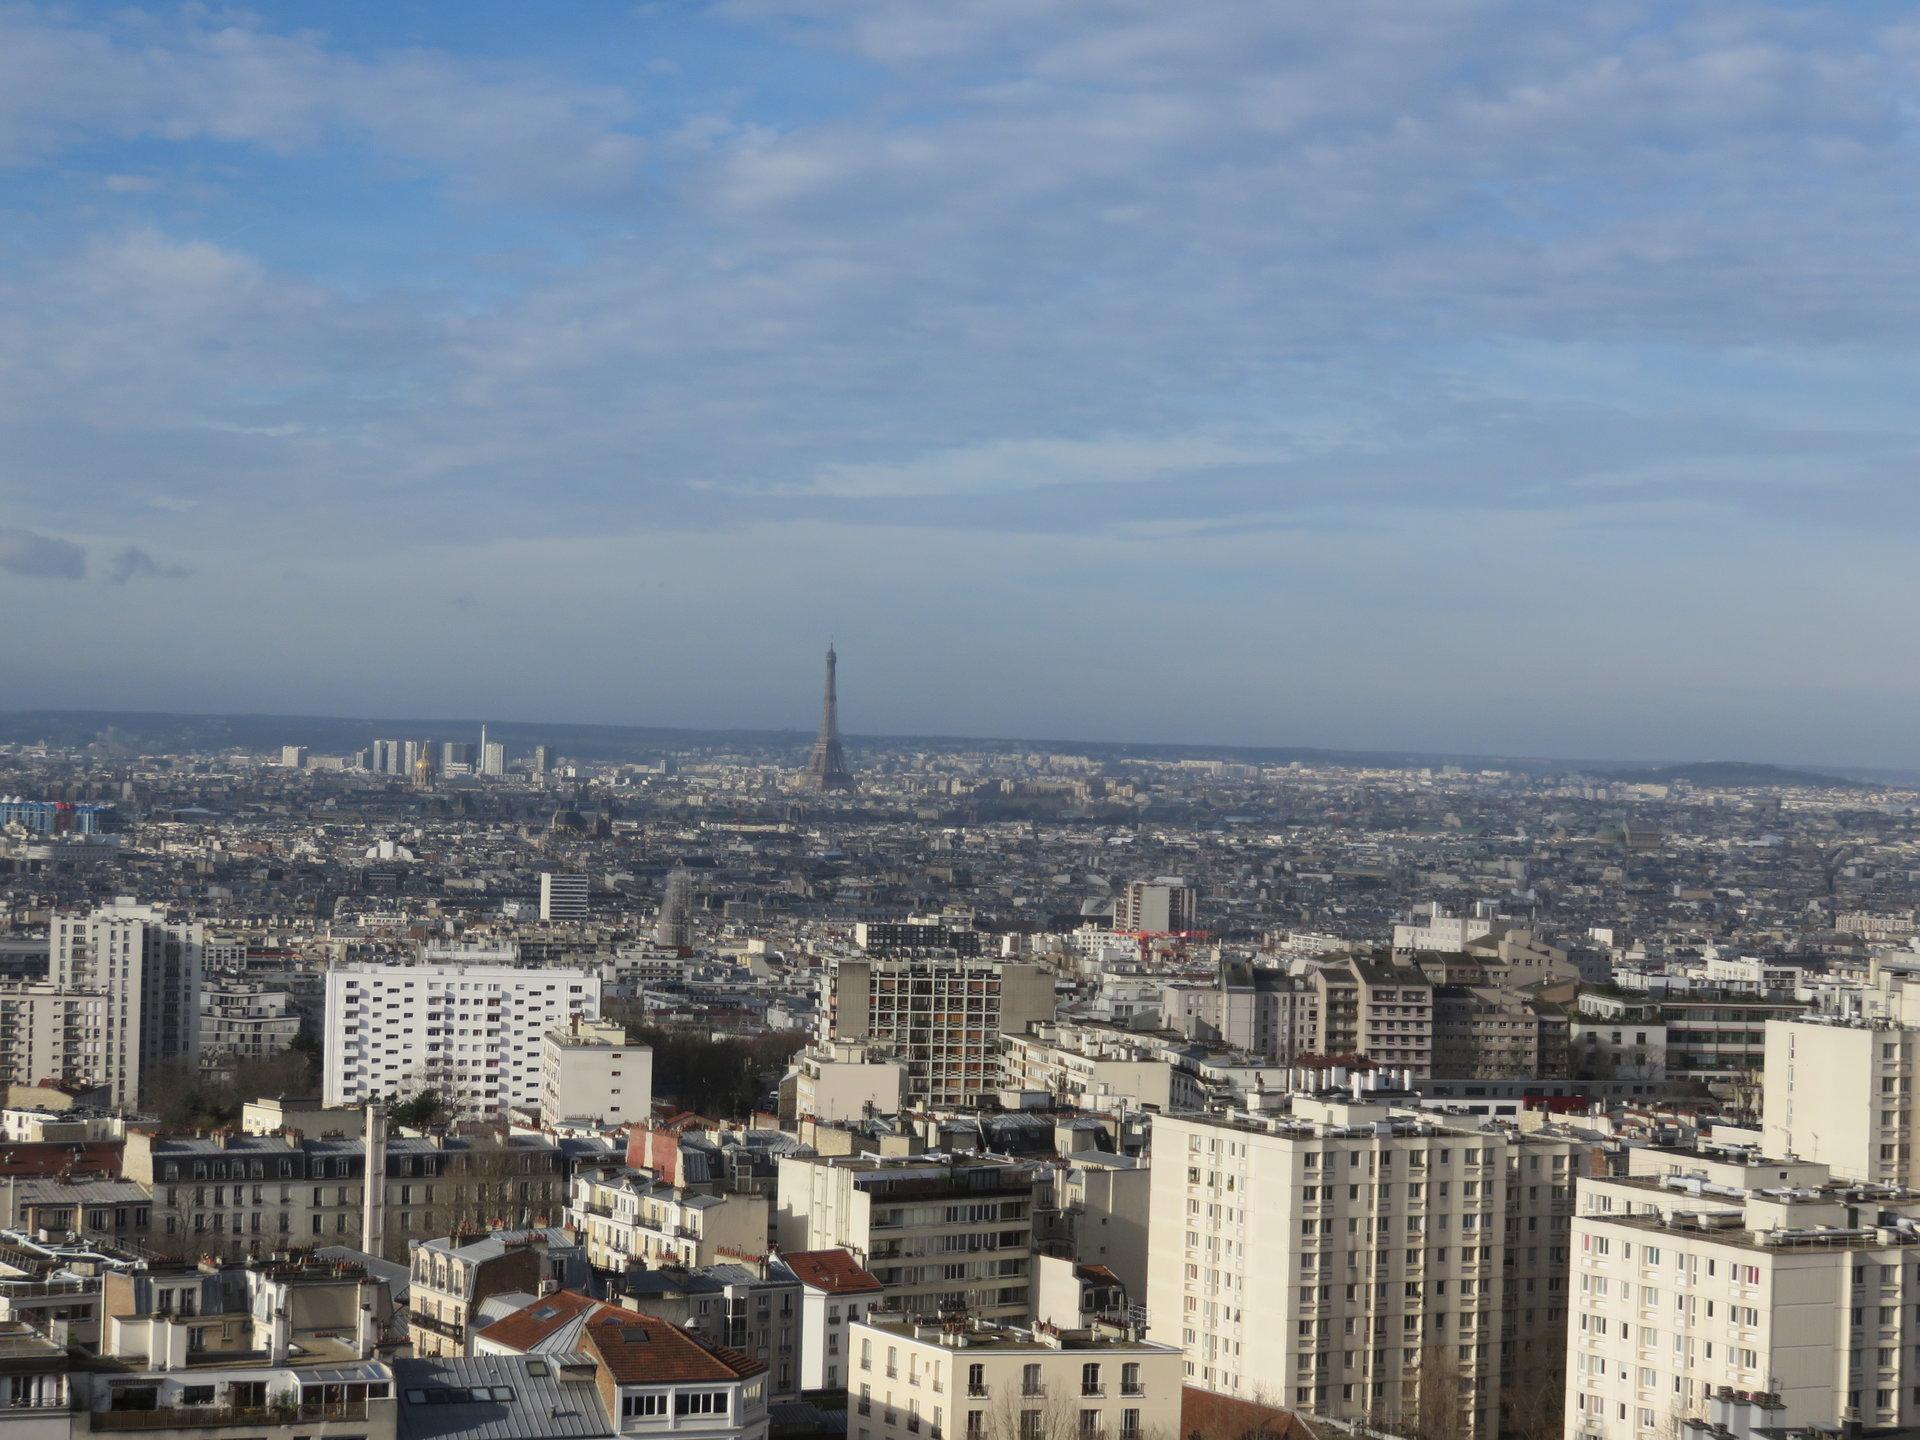 Paris - XXème - SAINT FARGEAU - M° Saint Fargeau / Télégraphe - 3 Pièces - SOLEIL - VUE IMPRENABLE SUR TOUT PARIS -  LOGGIA - MATÉRIAUX NOBLES - AVANT DERNIER ÉTAGE - PARKING COMPRIS